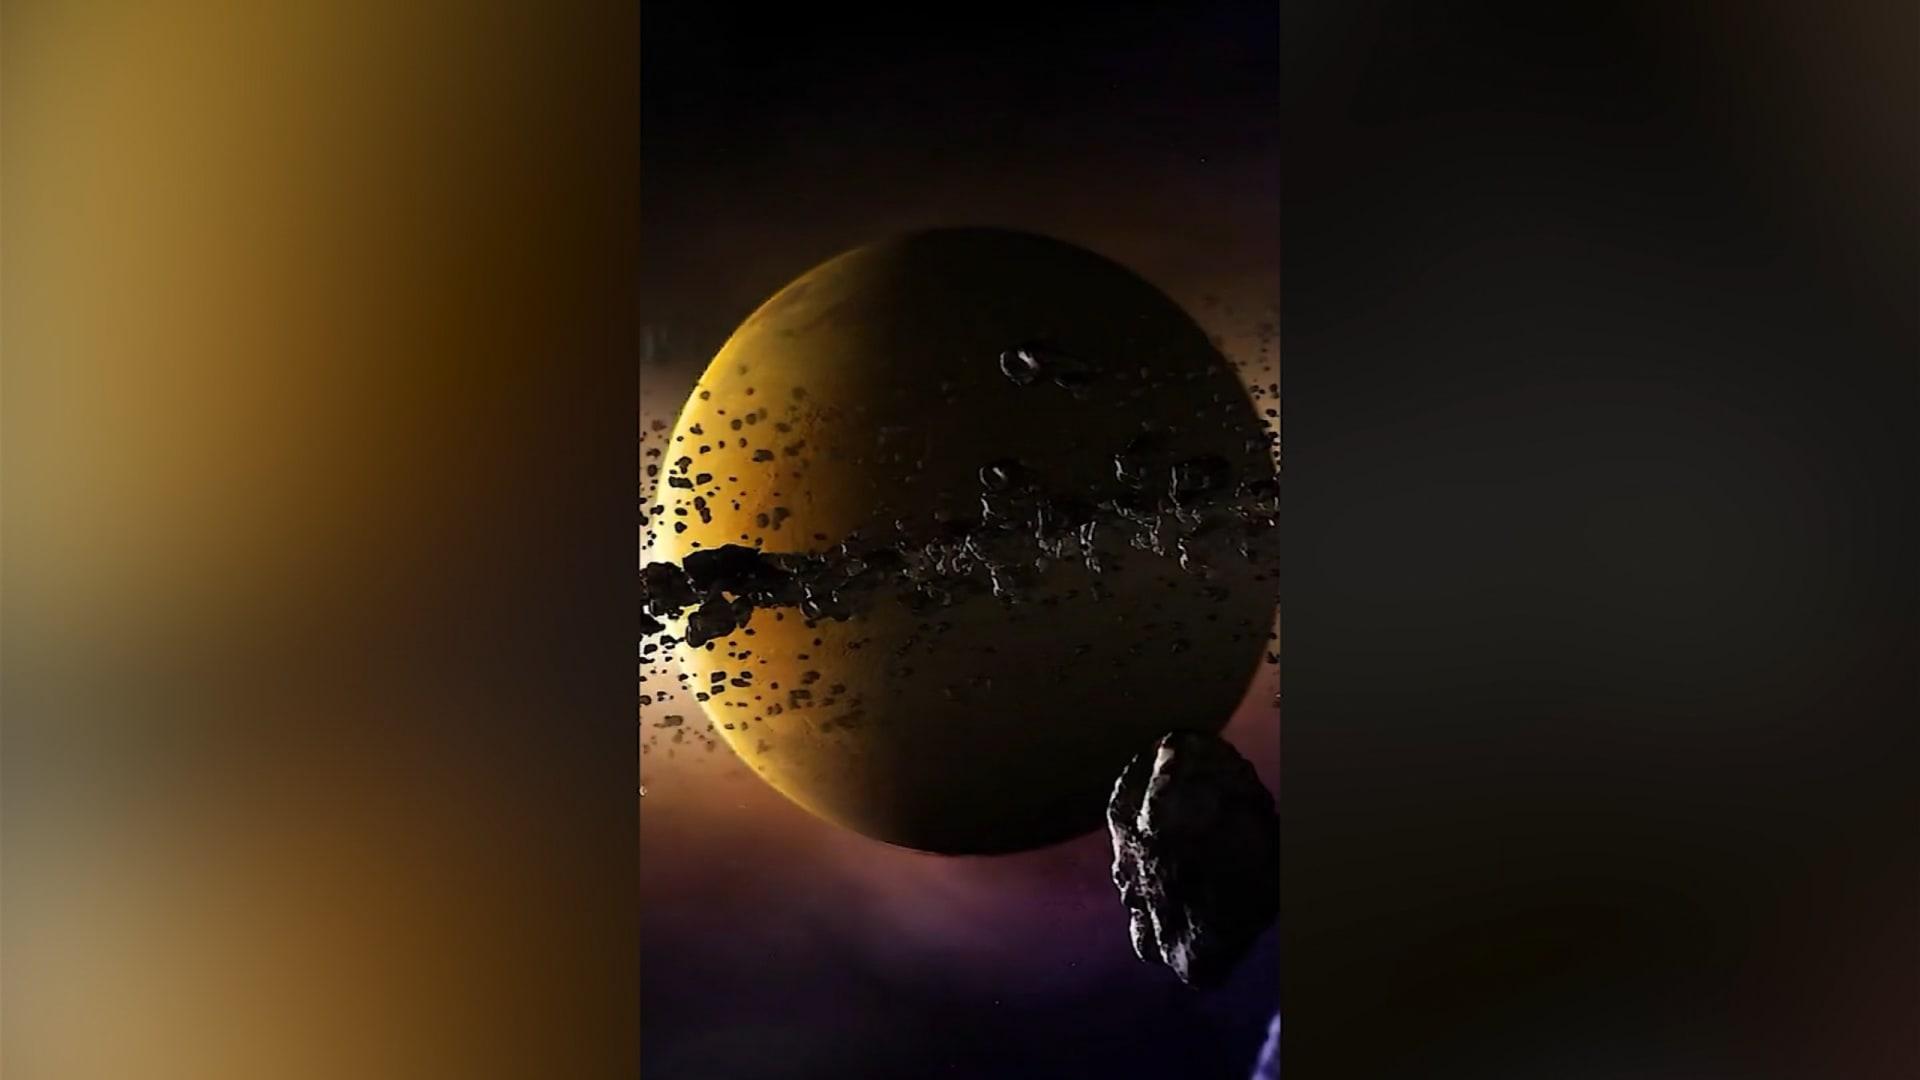 """""""لوسي"""" في مهمة تدوم 12 عامًا تابعة لوكالة ناسا تنطلق لاستكشاف كويكبات لم ترصد من قبل"""